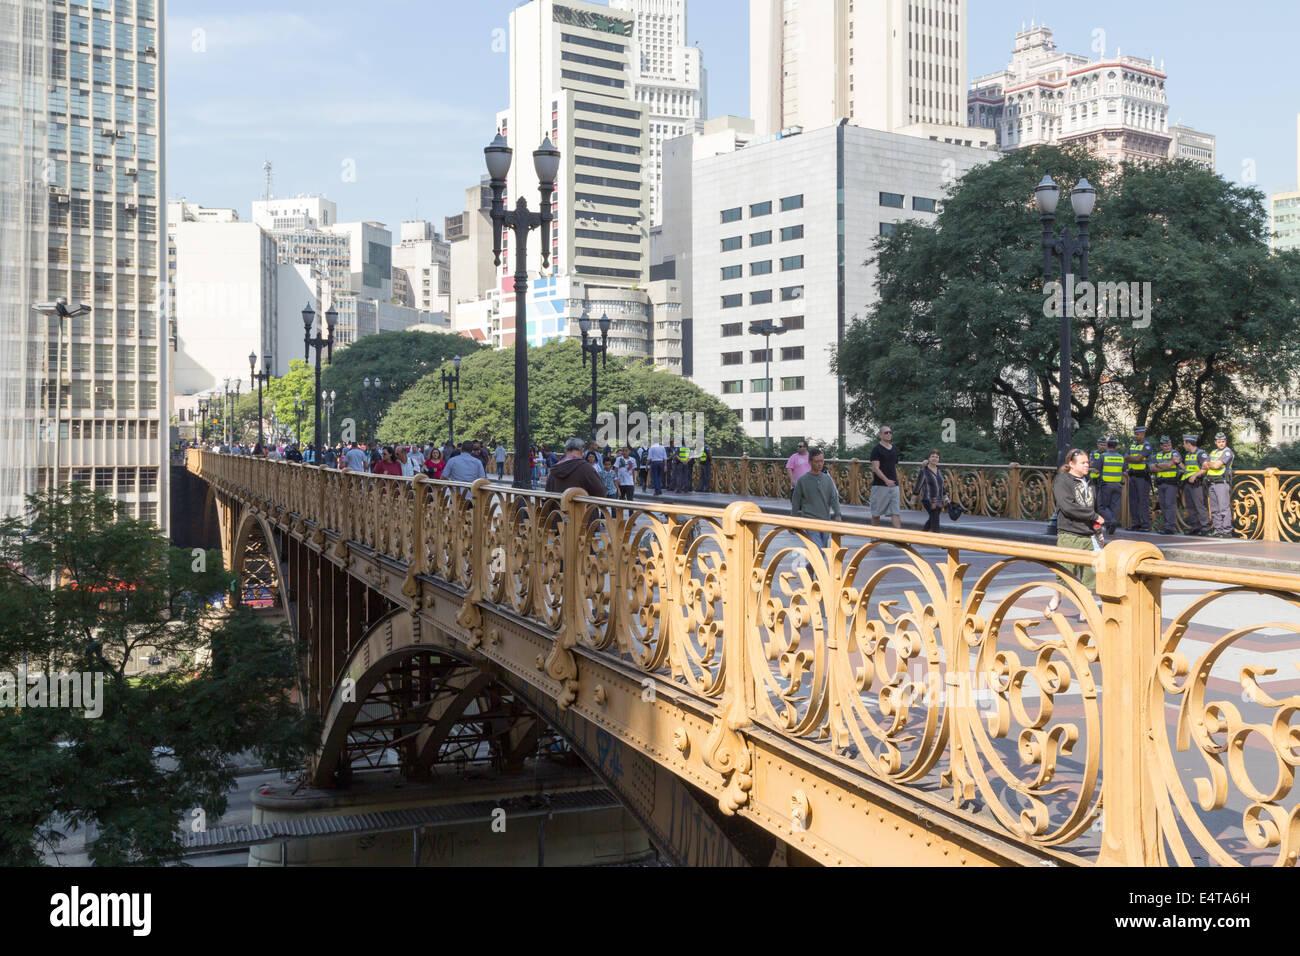 Le persone camminano sulla Viaduto Santa Ifigenia, Sao Paulo, Brasile Immagini Stock